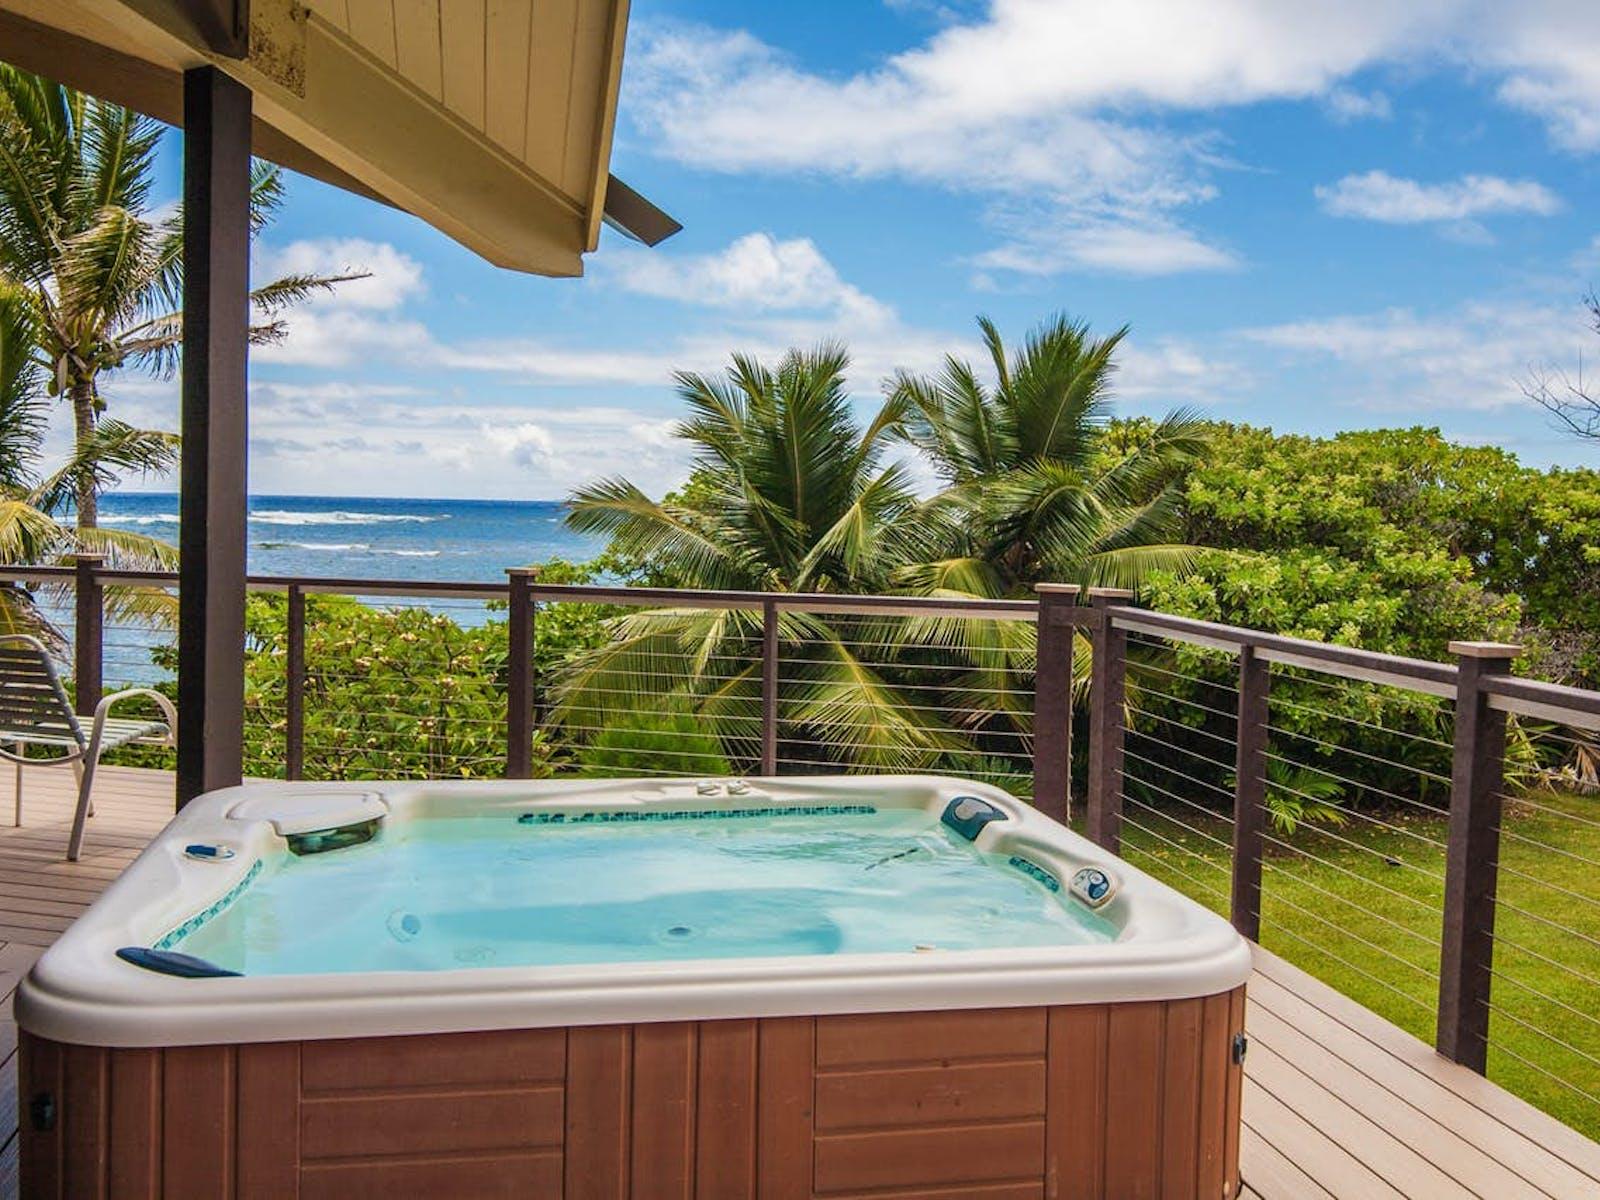 Hawaiian vacation rental hot tub overlooking the water